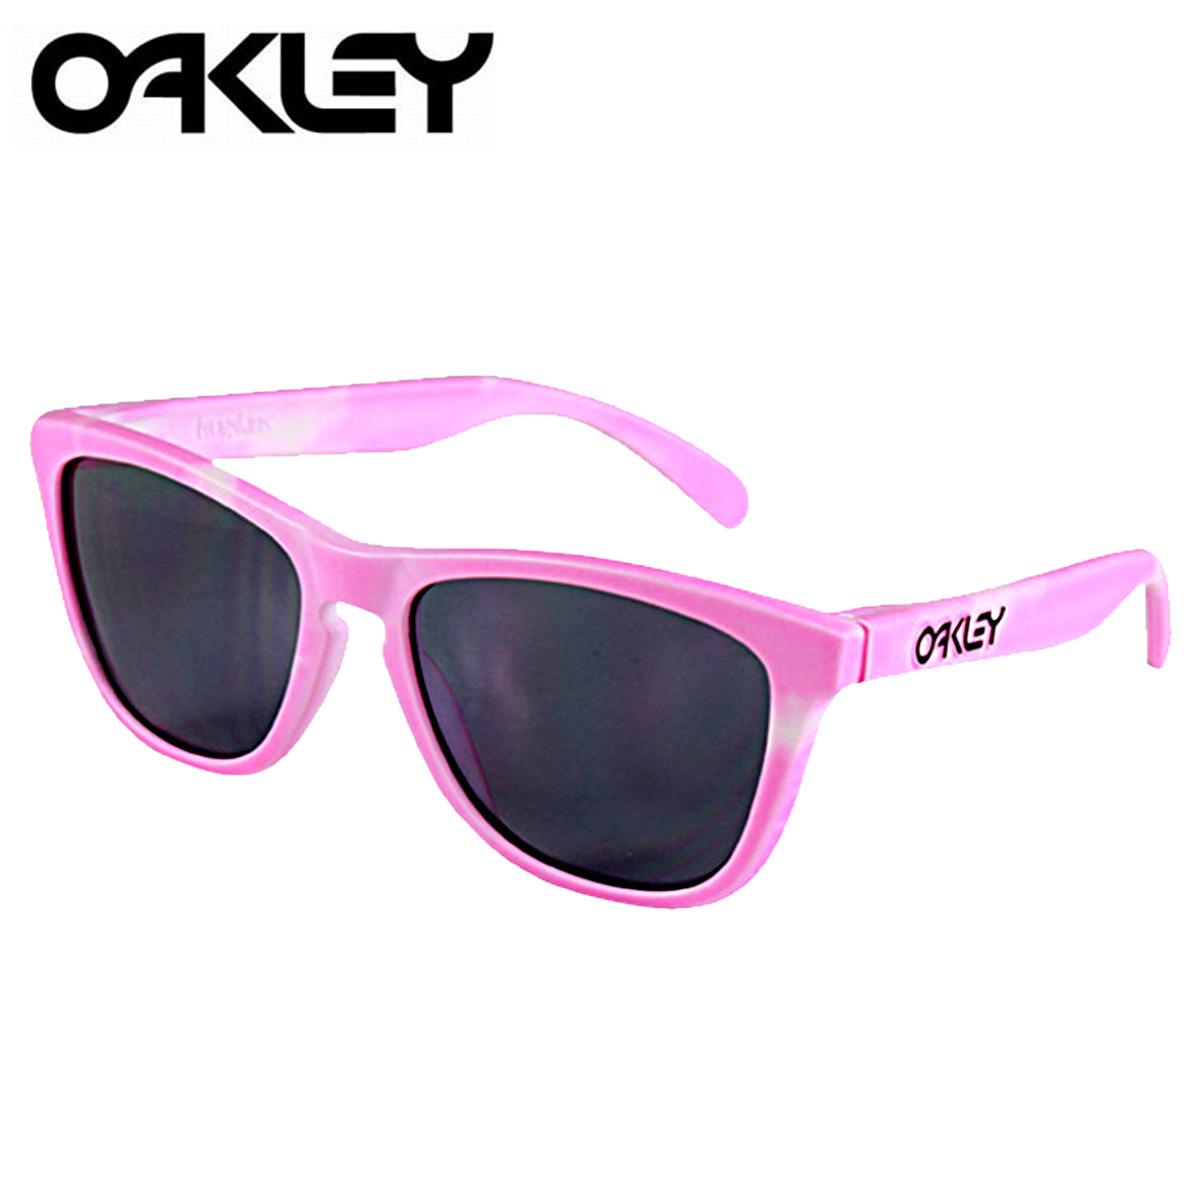 b546976abc ALLSPORTS   SOLD OUT  Oakley Oakley Sunglasses Frogskins frog skin glasses  03-203 Berry milk men women